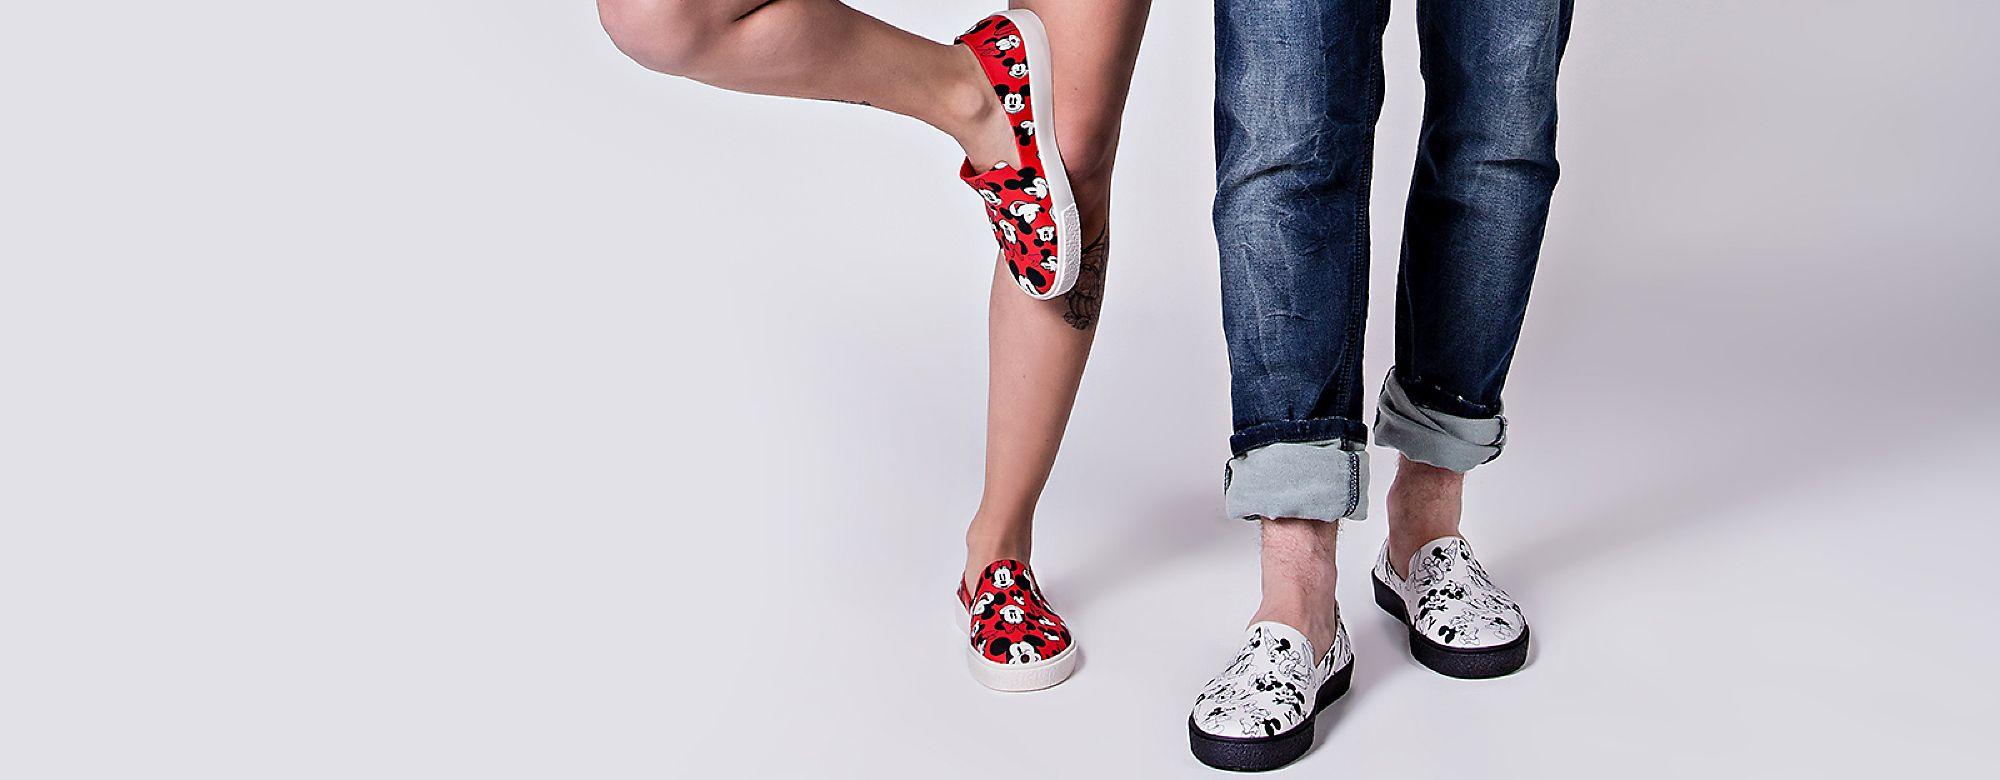 Chaussures Melissa Les chaussures Melissa pour femmes et enfants sont colorées et pleines de fantaisie. Grâce à Disney, elles sont aussi magiques ! DÉCOUVRIR